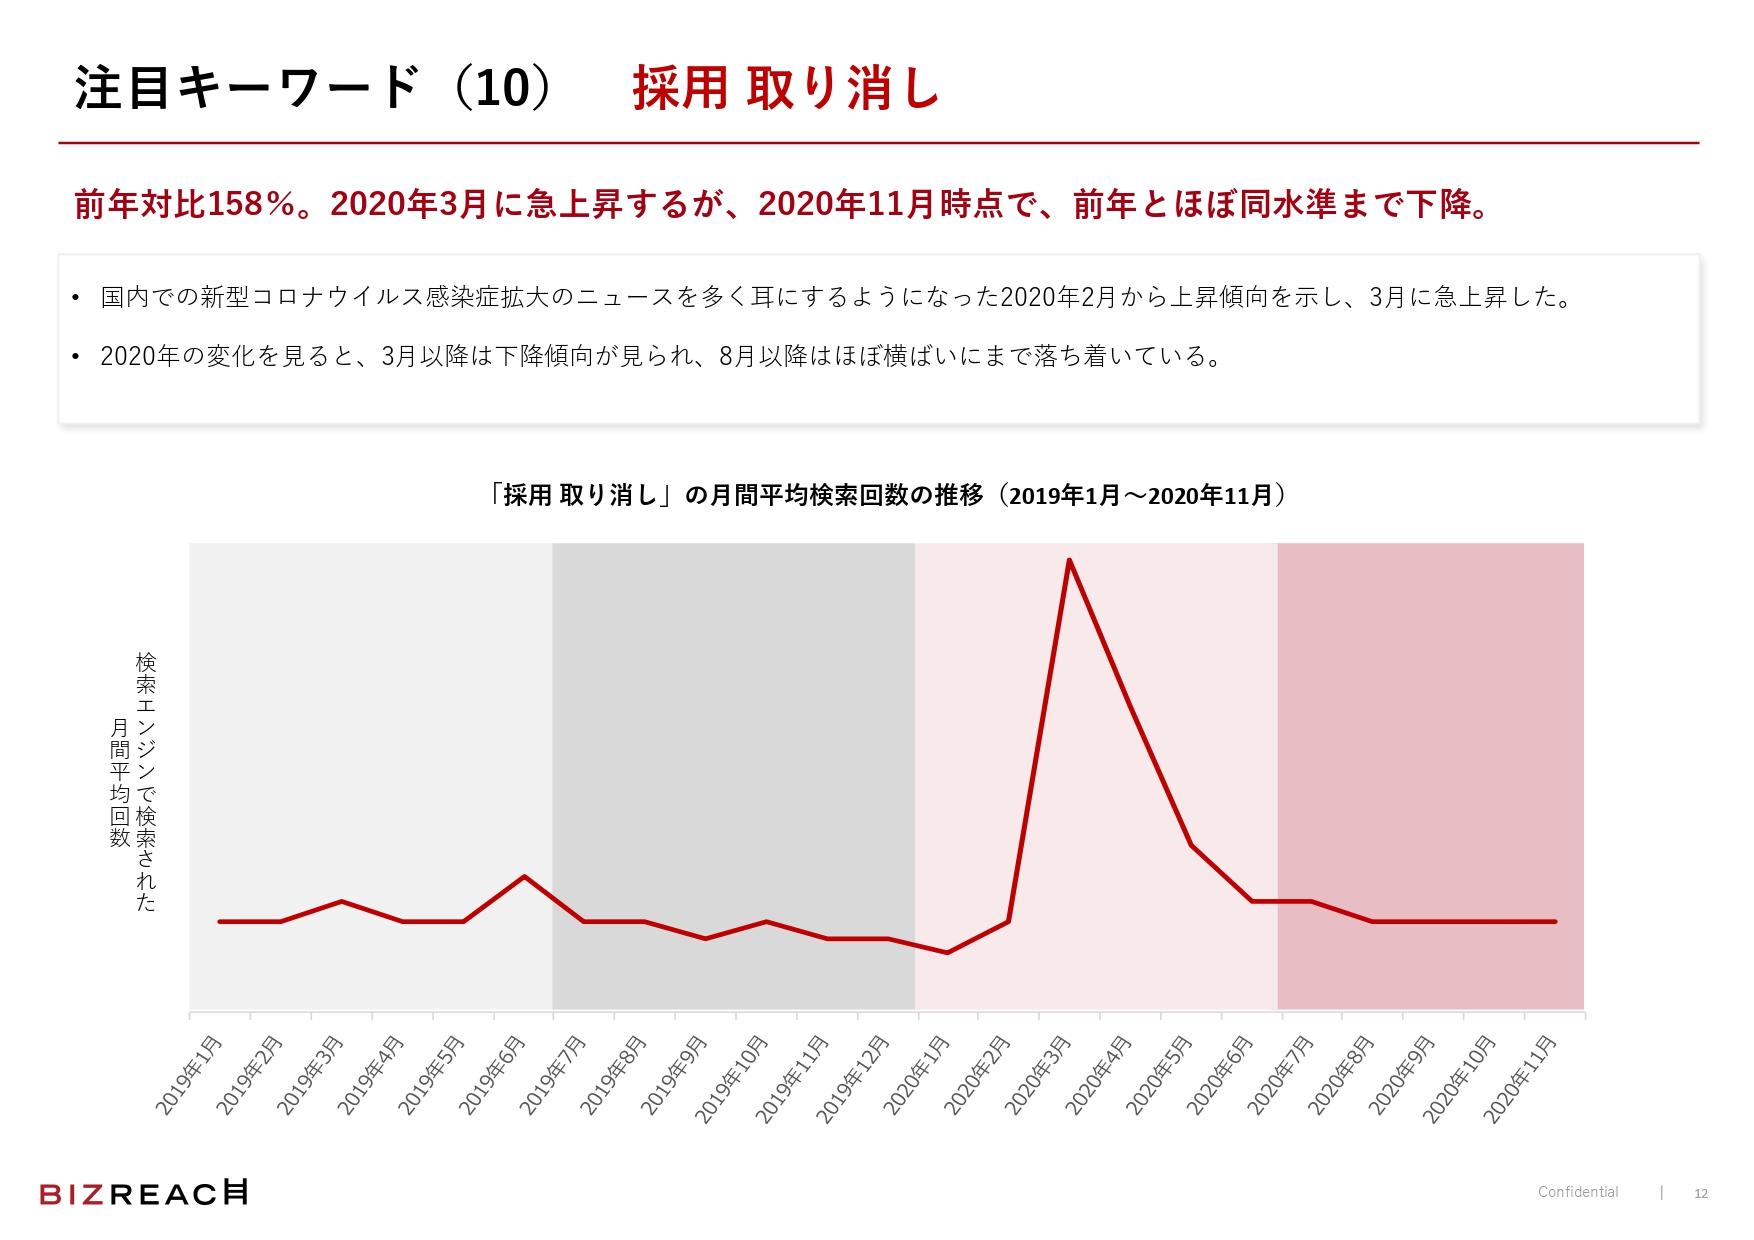 「採用 取り消し」の平均月間検索回数は2020年3月がピーク